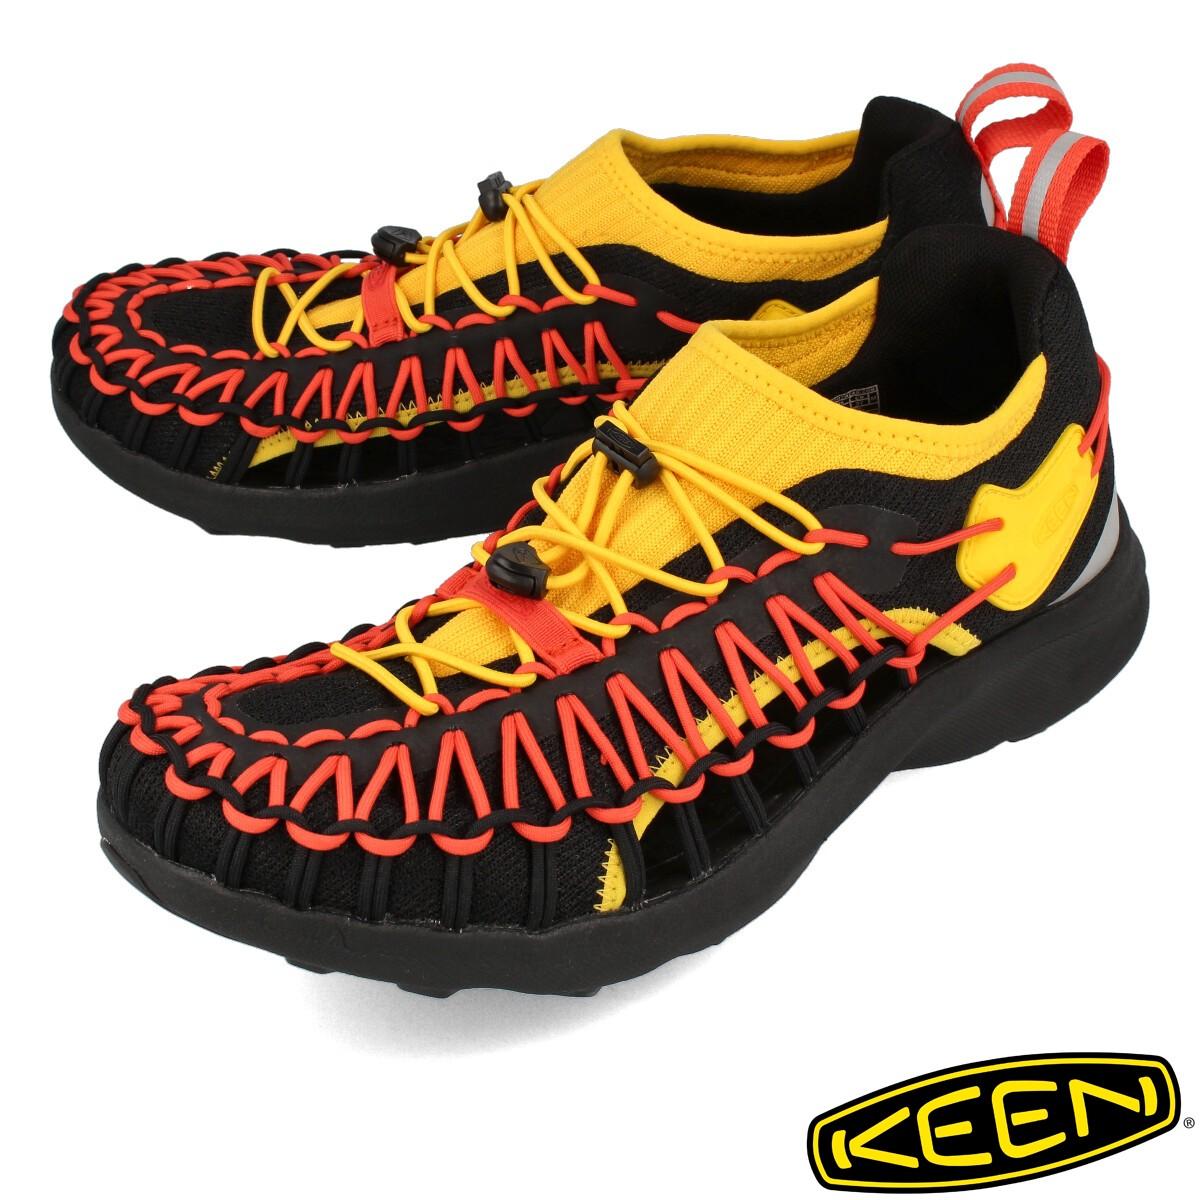 送料無料 KEEN 引出物 キーン TIMAI ティマイ スニーカー ランキングTOP10 靴 メンズ ハイキング アウトドア 登山 イエロー 黄色 1024680 SNK MEN スニーク メン B.E.A.R THE UNEEK ユニーク 水 P 3月17日 発売